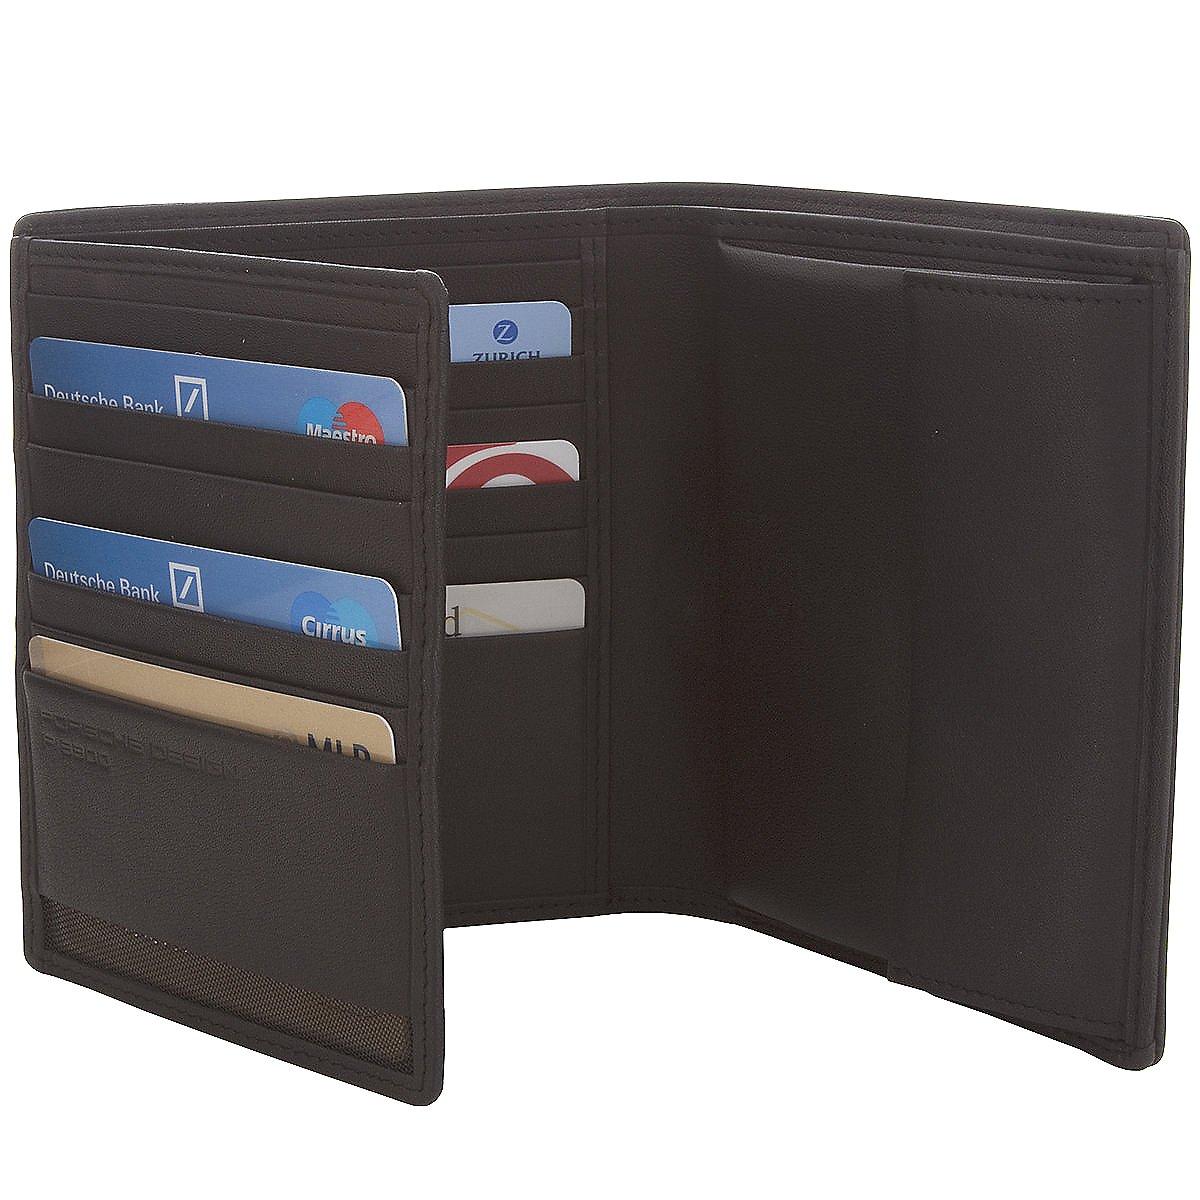 porsche design cl2 2 0 accessoires billfold v16. Black Bedroom Furniture Sets. Home Design Ideas